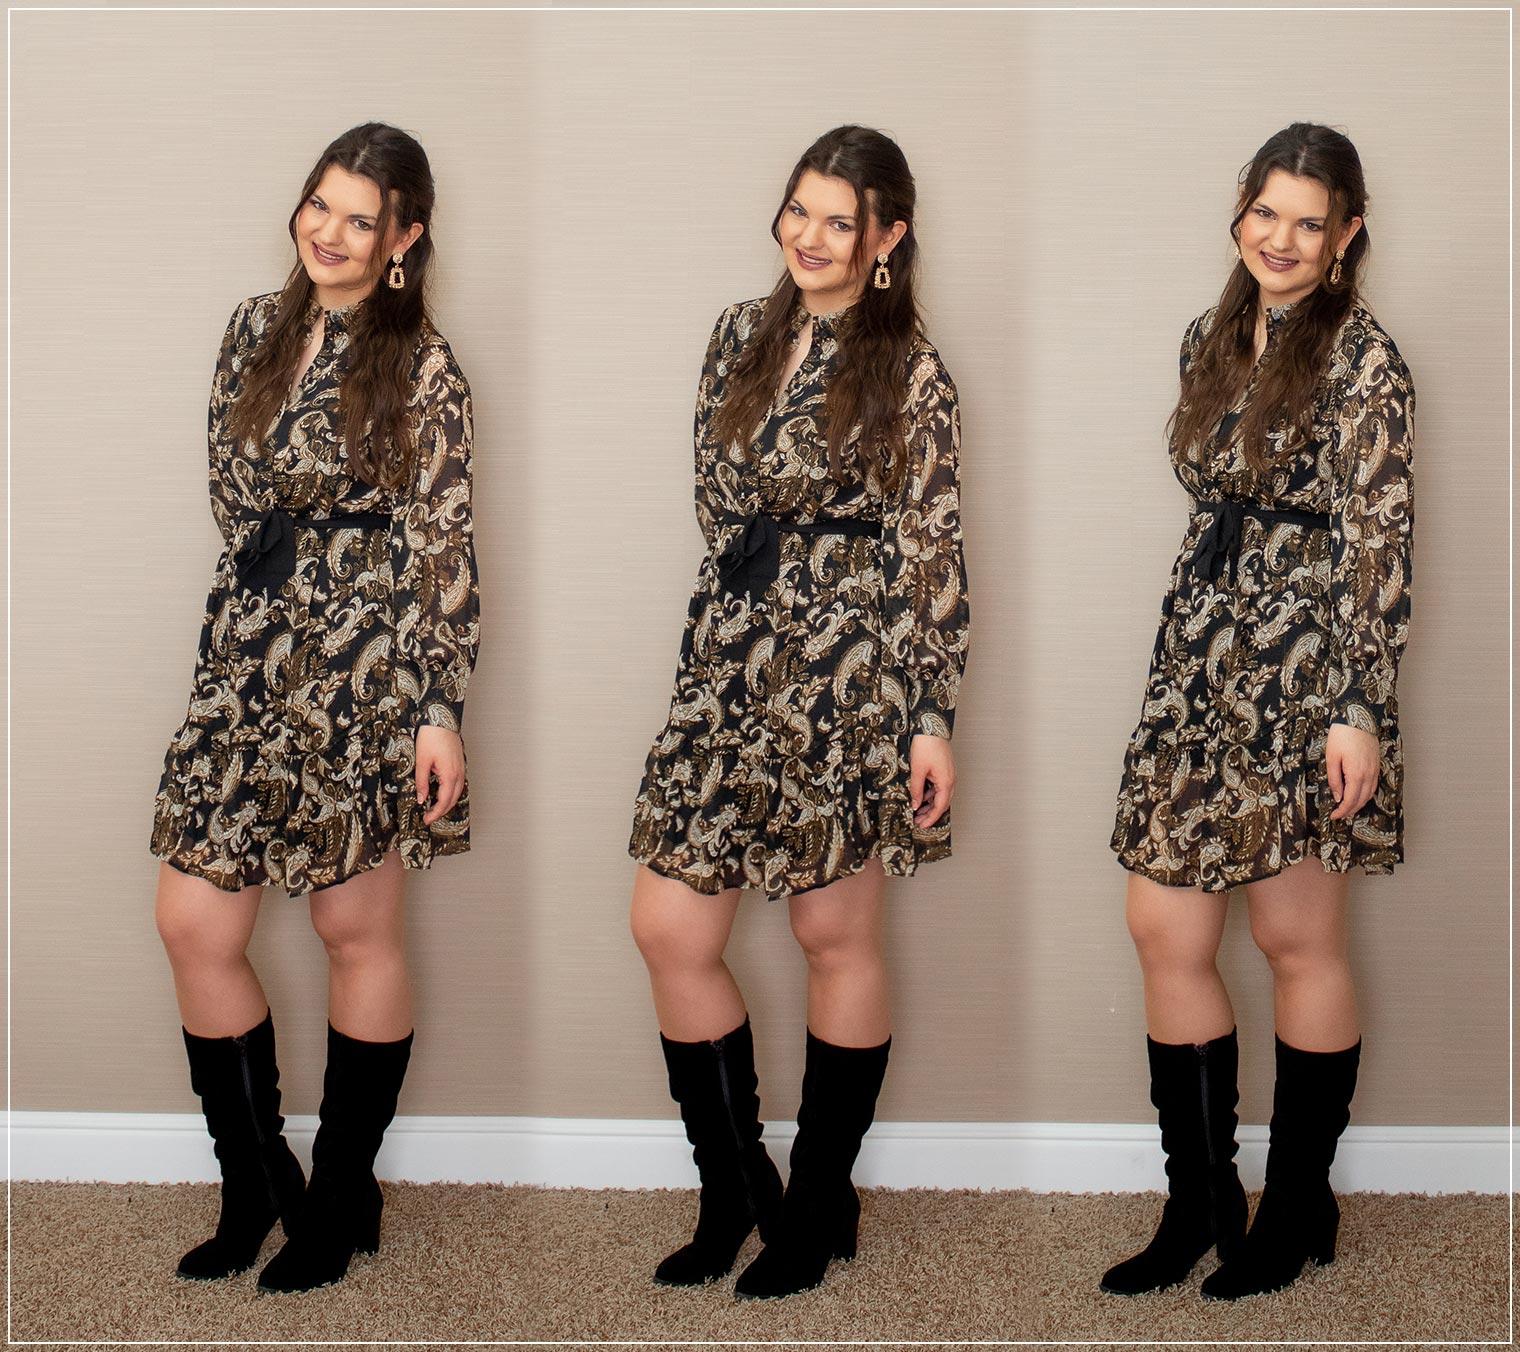 Outfitinspiration aus Kleid und Stiefeln